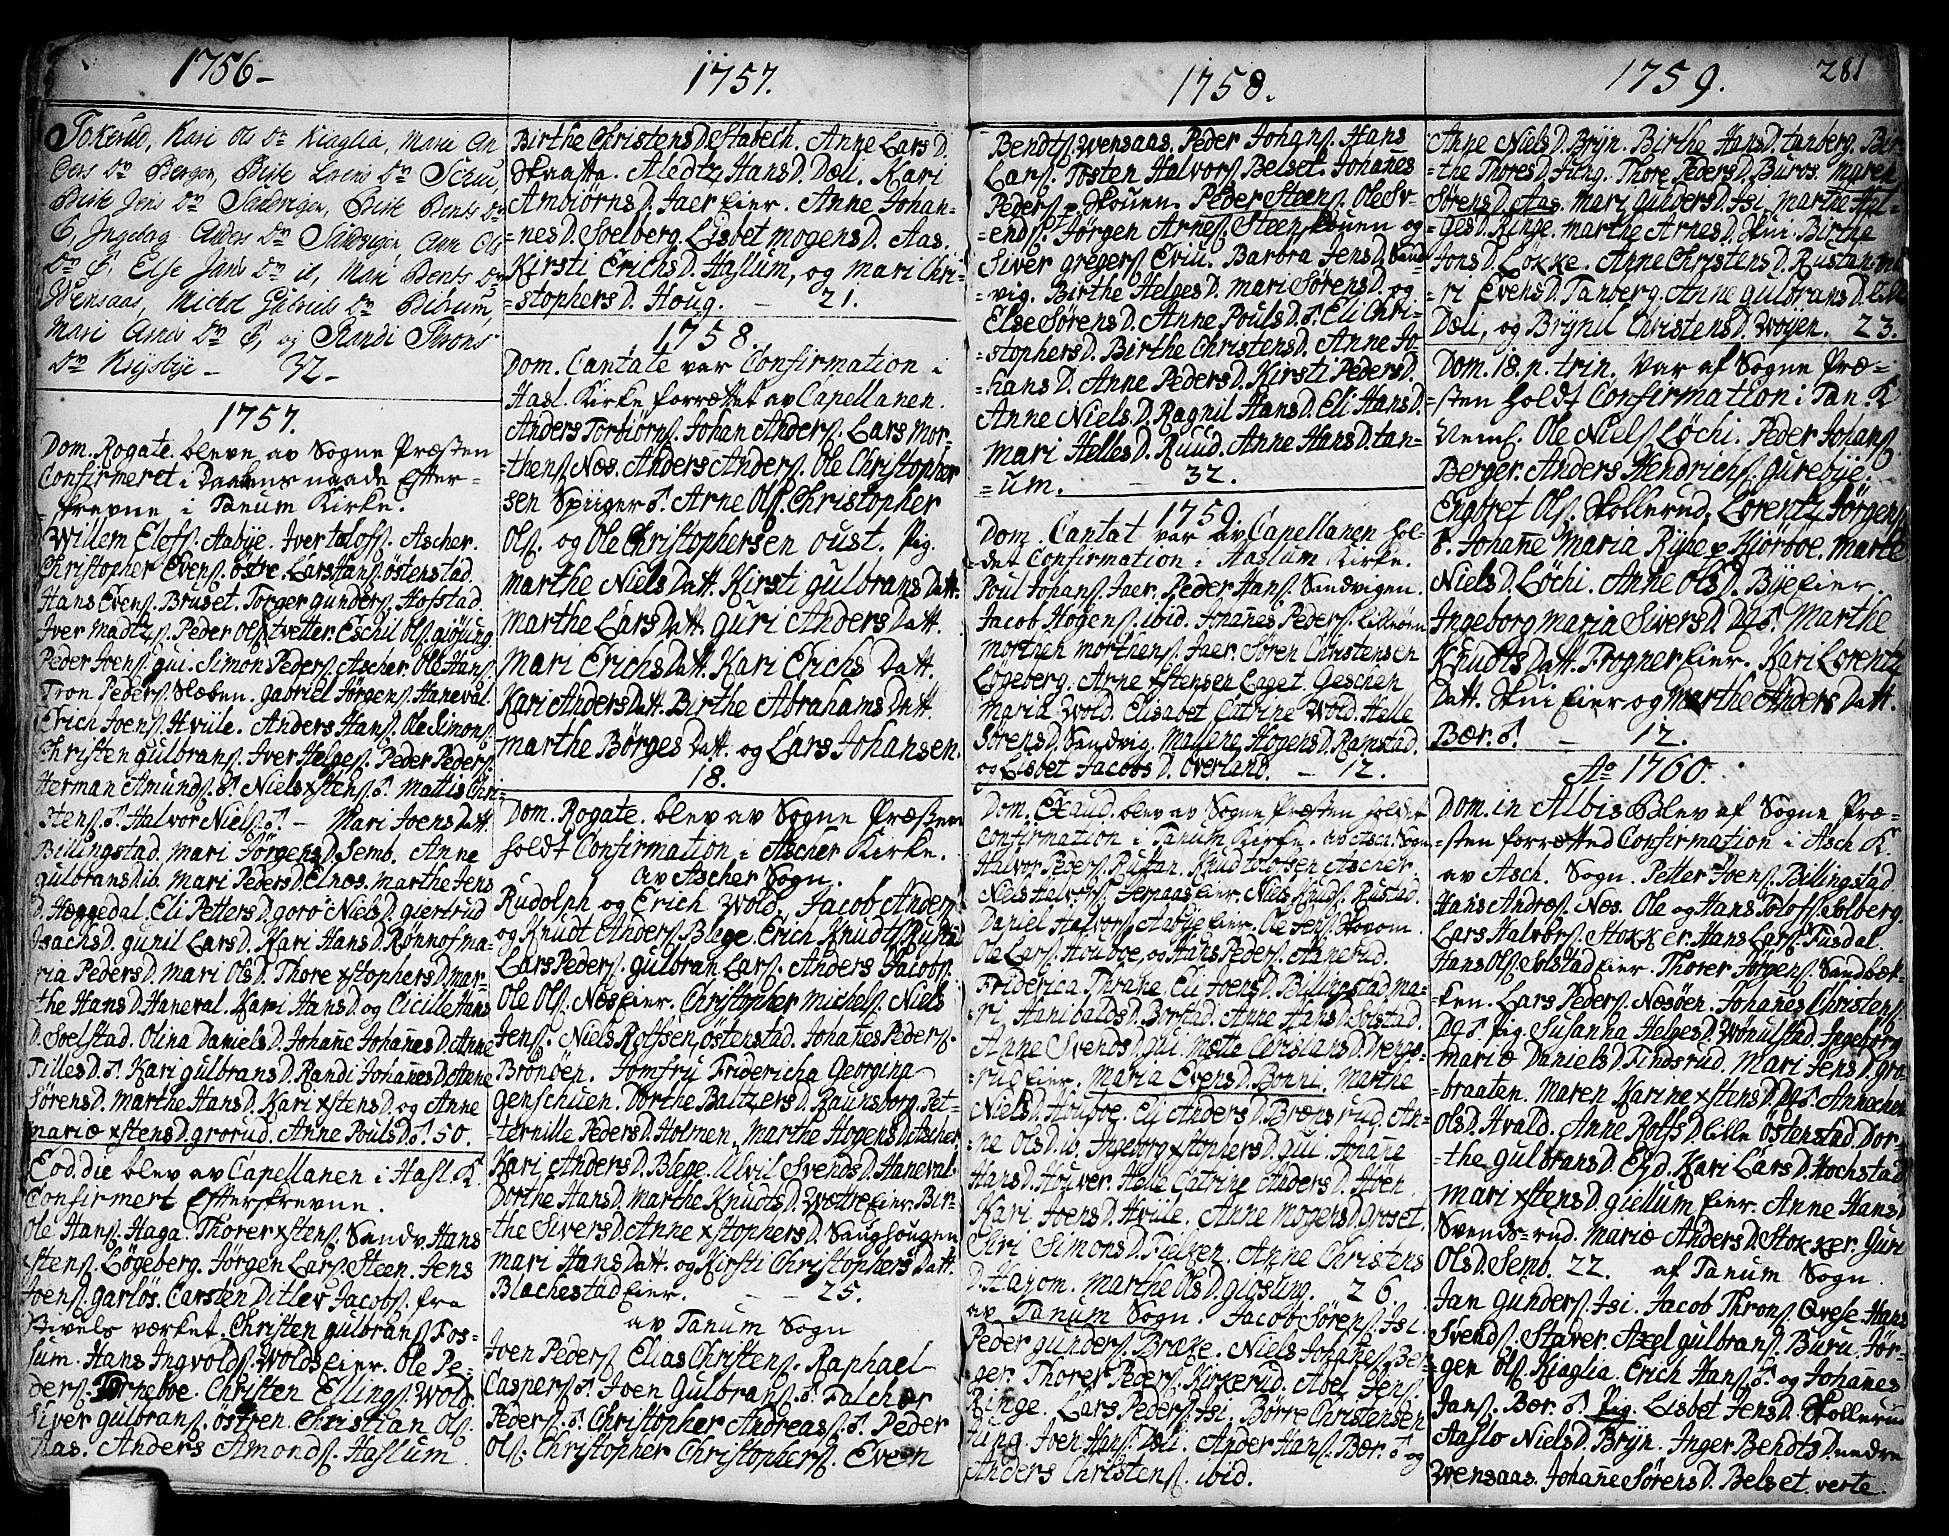 SAO, Asker prestekontor Kirkebøker, F/Fa/L0002: Ministerialbok nr. I 2, 1733-1766, s. 281